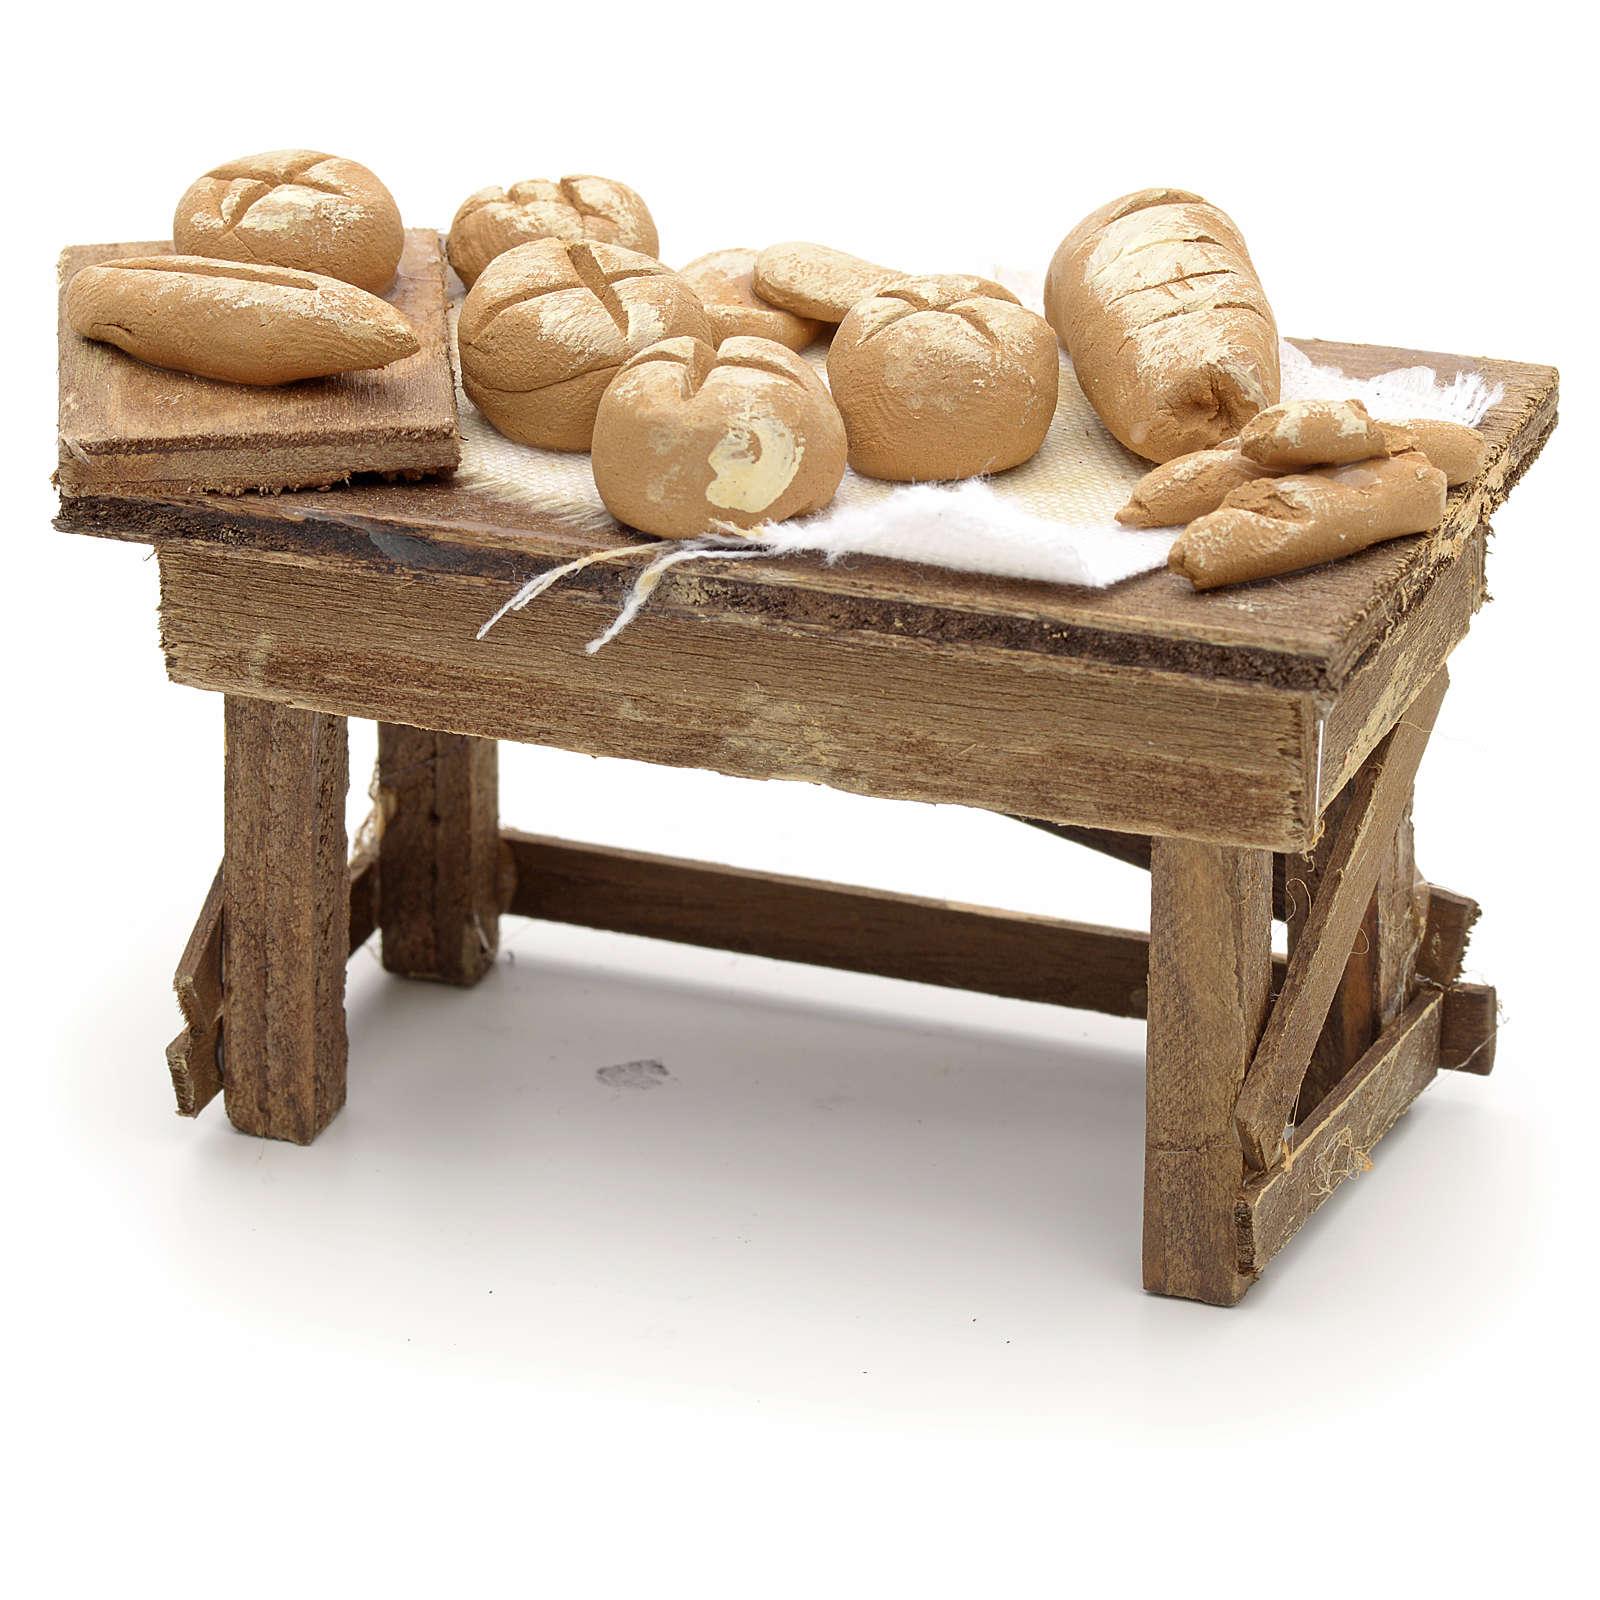 Tavolo del pane presepe napoletano 4